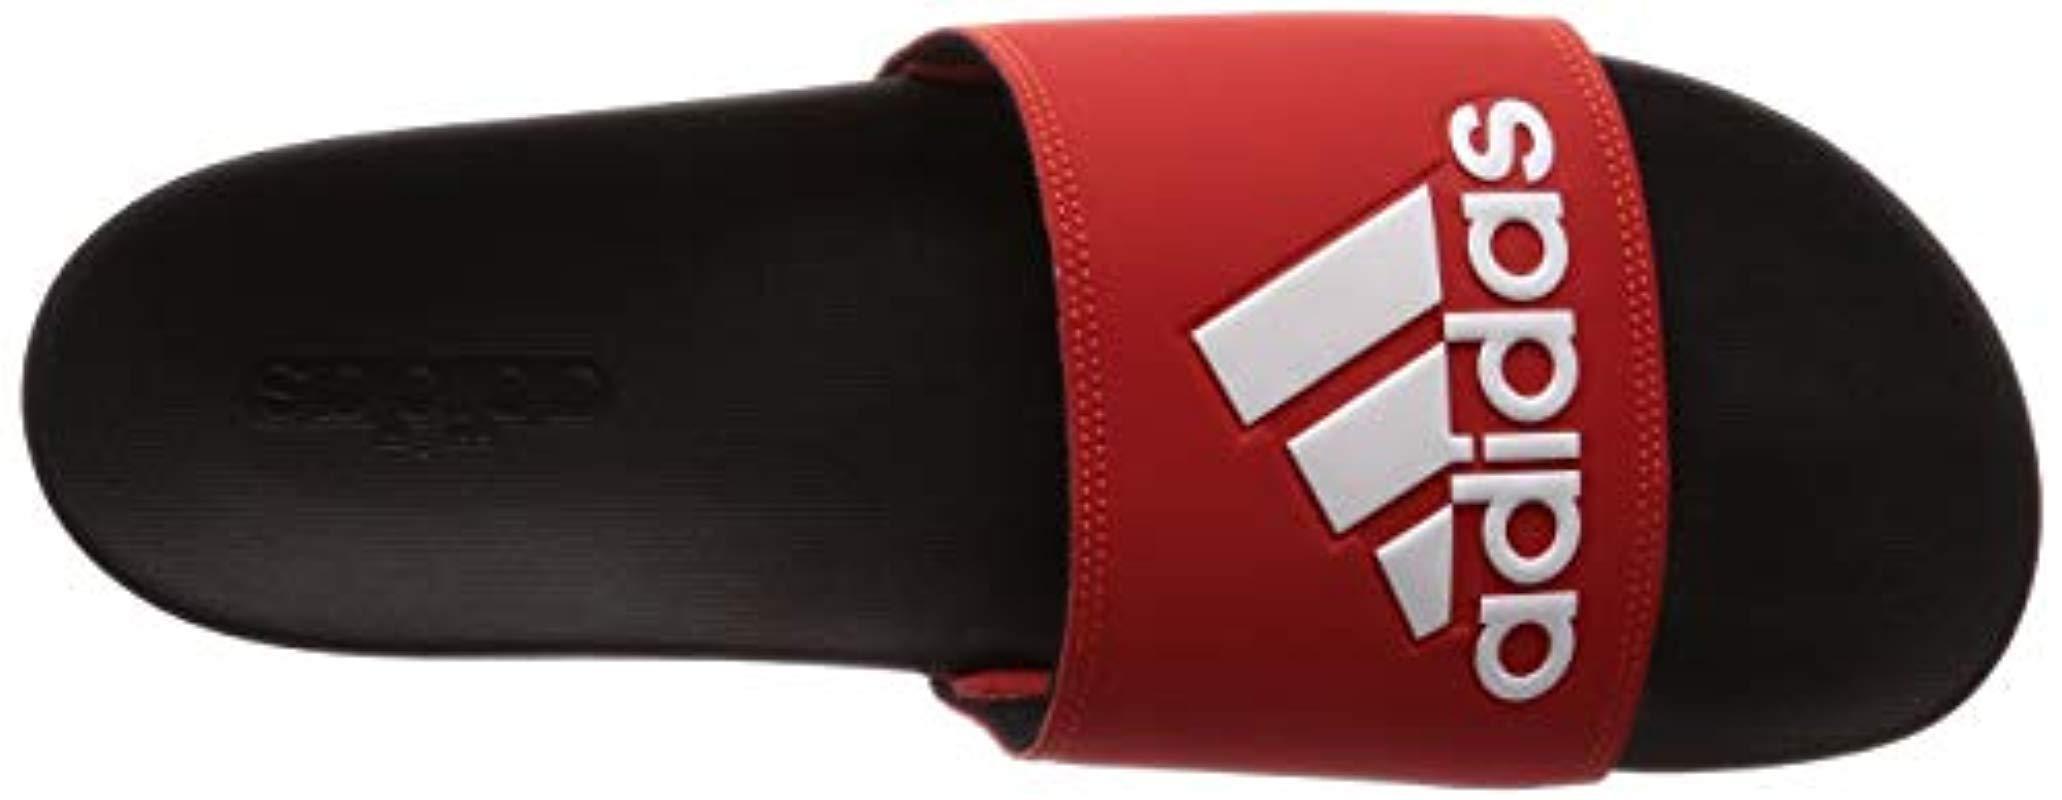 Adilette Comfort F34722, Chaussures de Plage & Piscine Homme ...